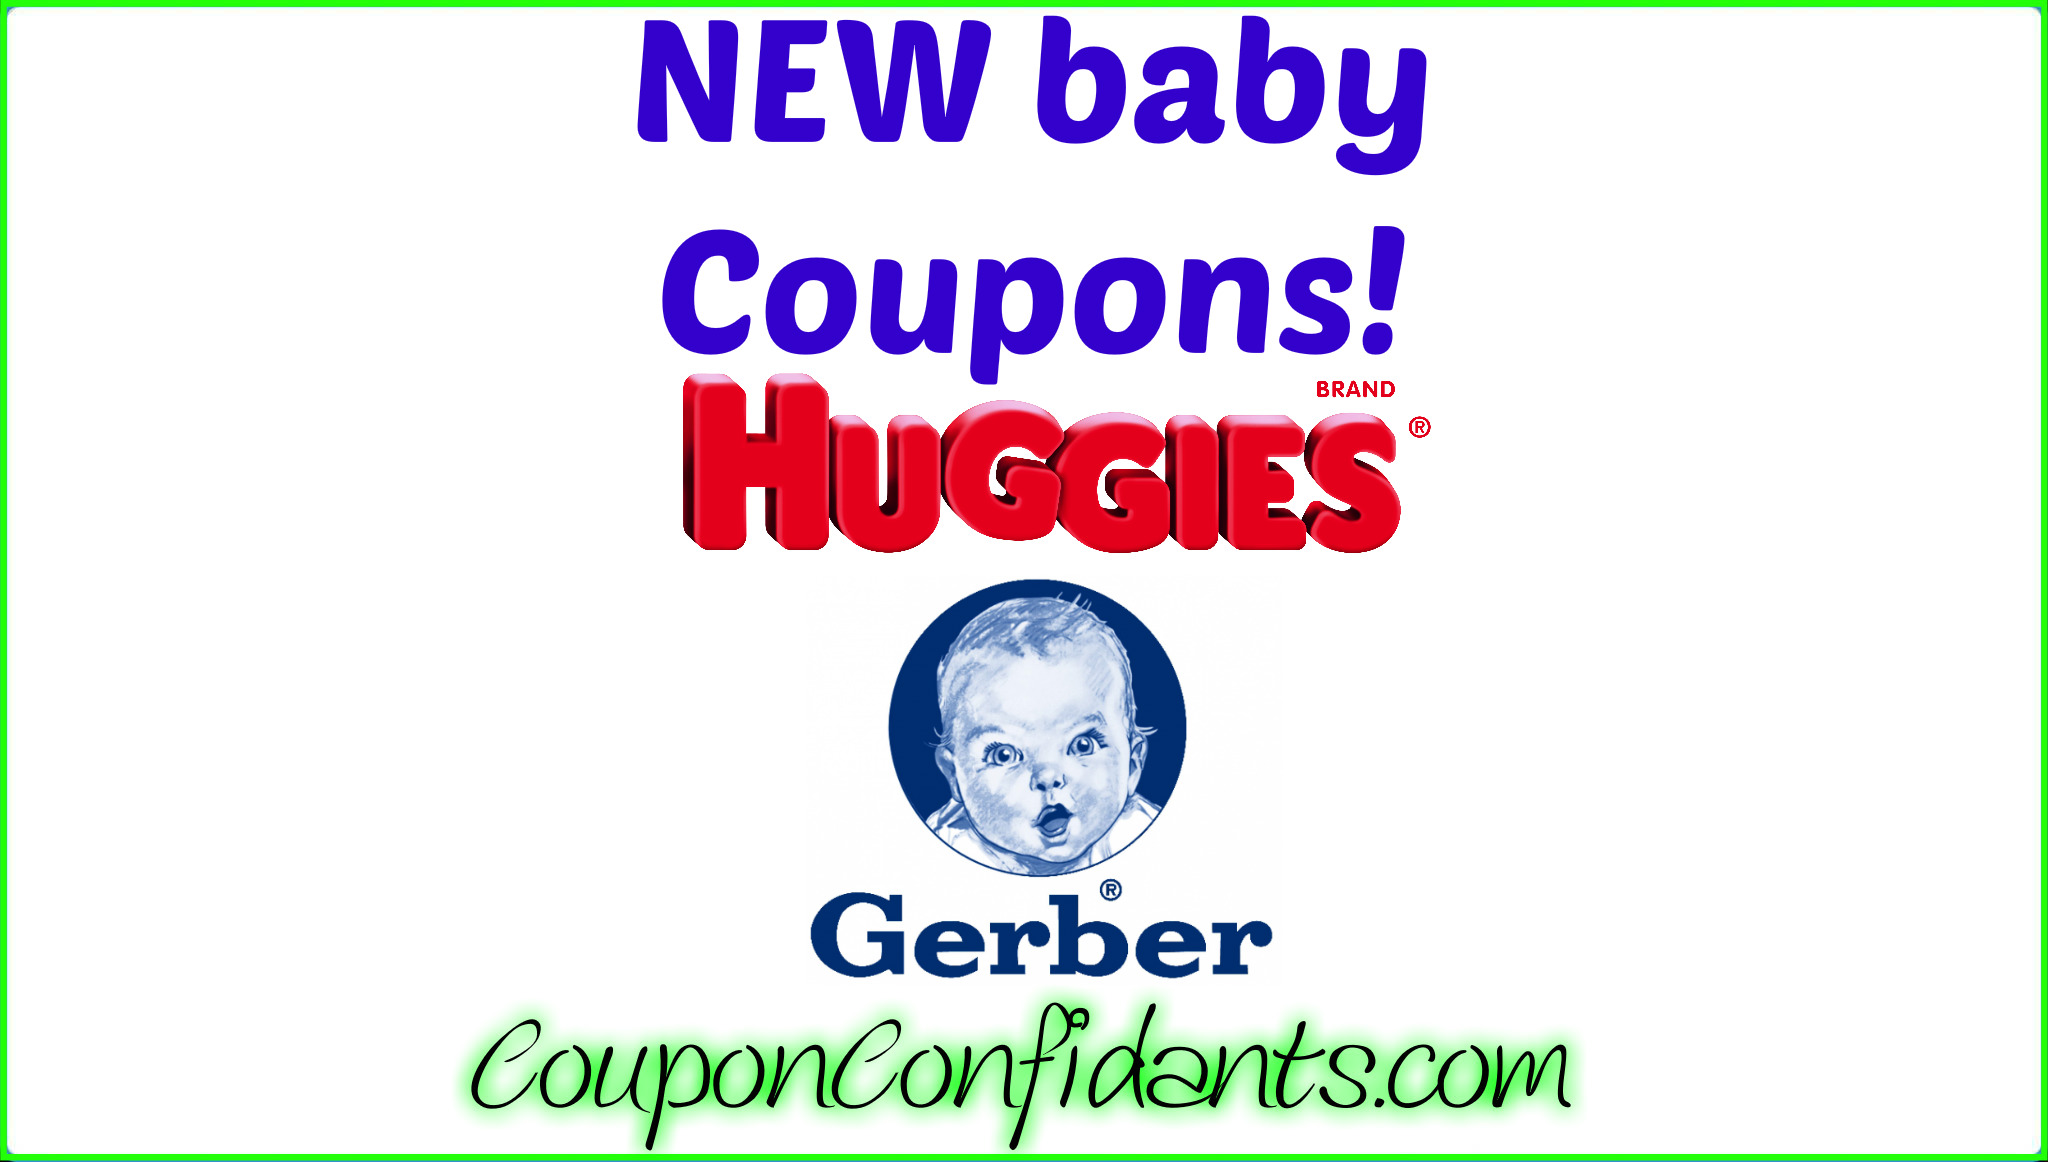 Baby naartjie coupon code